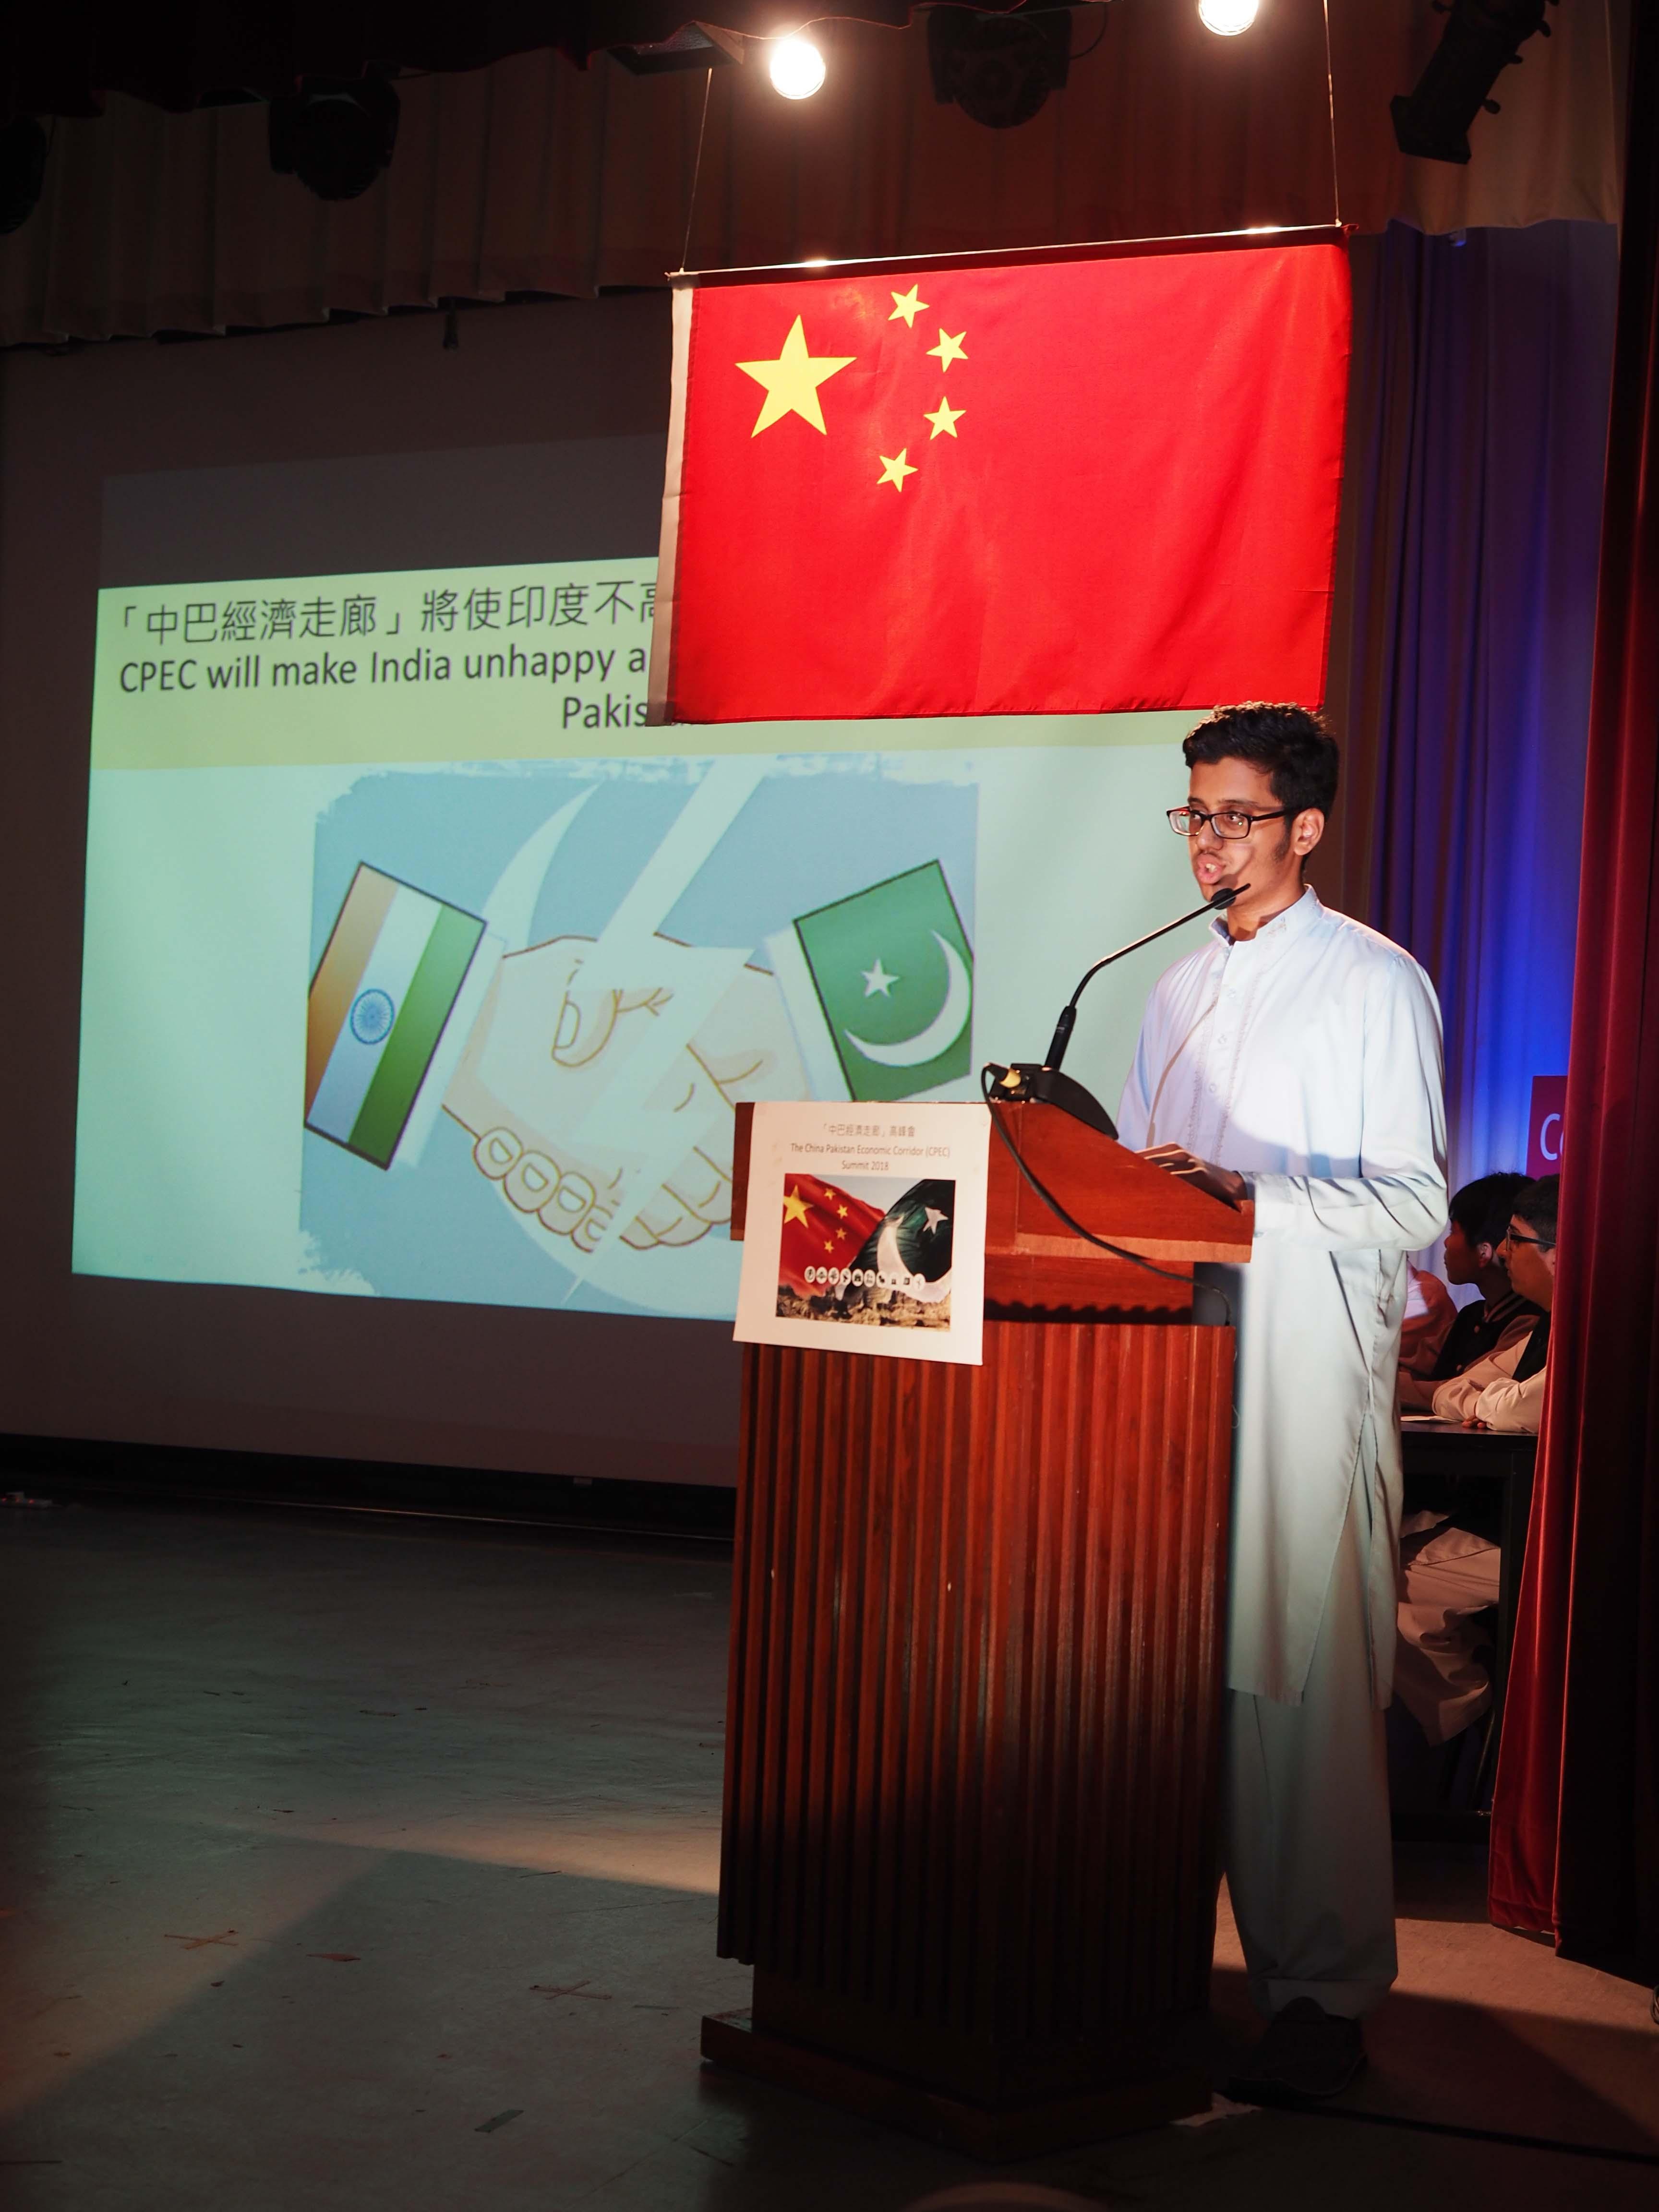 天主教慈幼會伍少梅中學的「中巴經濟走廊」高峰會活動相片24